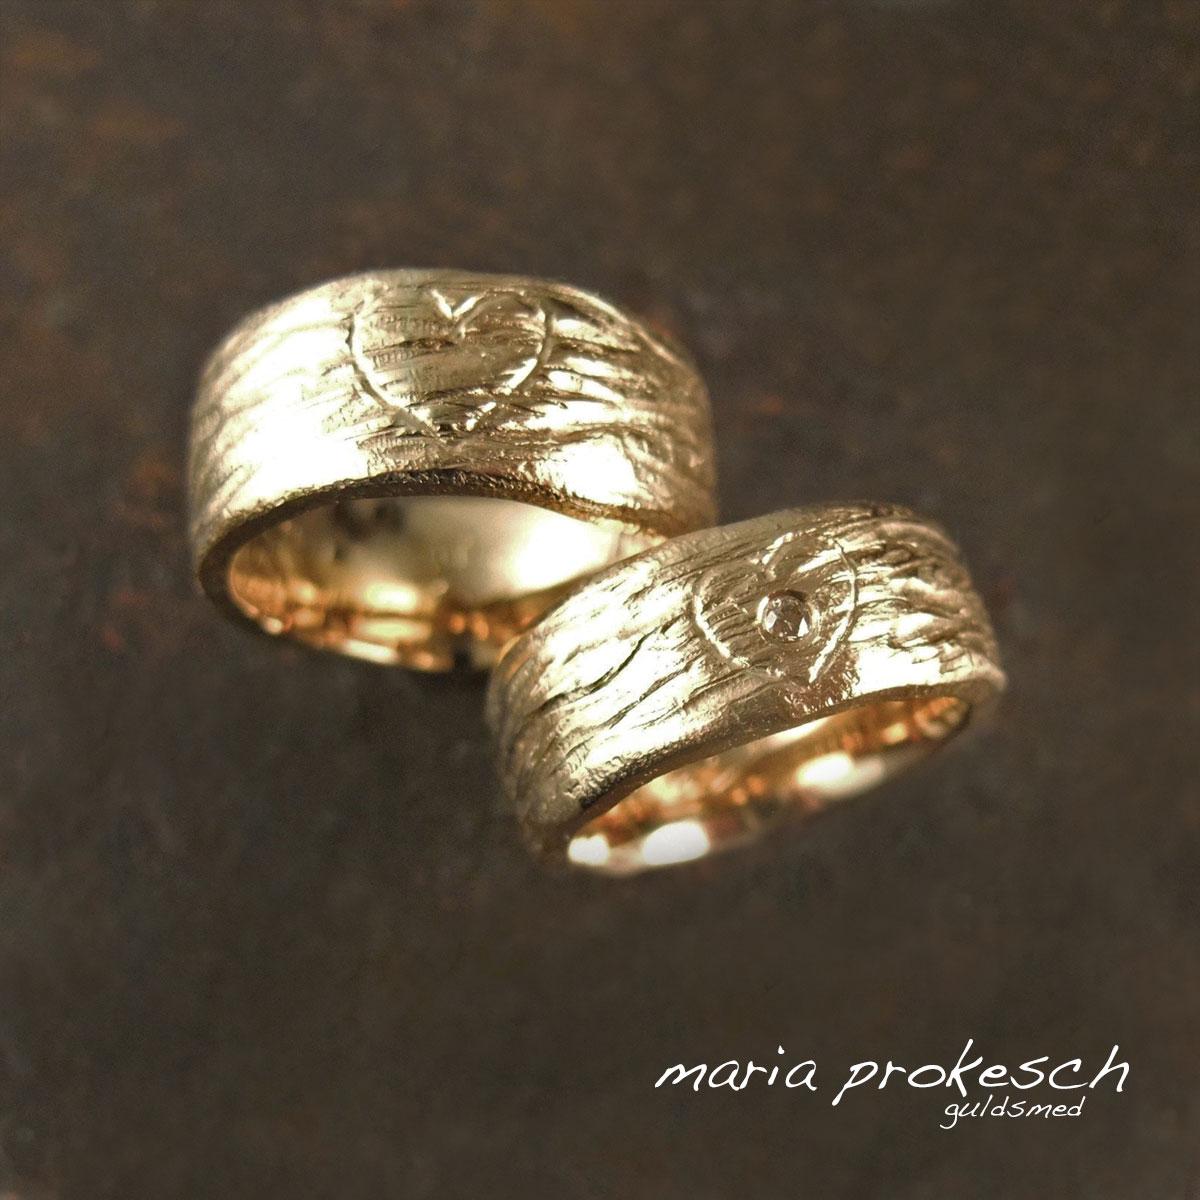 Vielsesringe i 14 kt gult guld med grov barkoverflade og buttet hjerte ridset som evigt minde. Hendes med en gylden diamant.